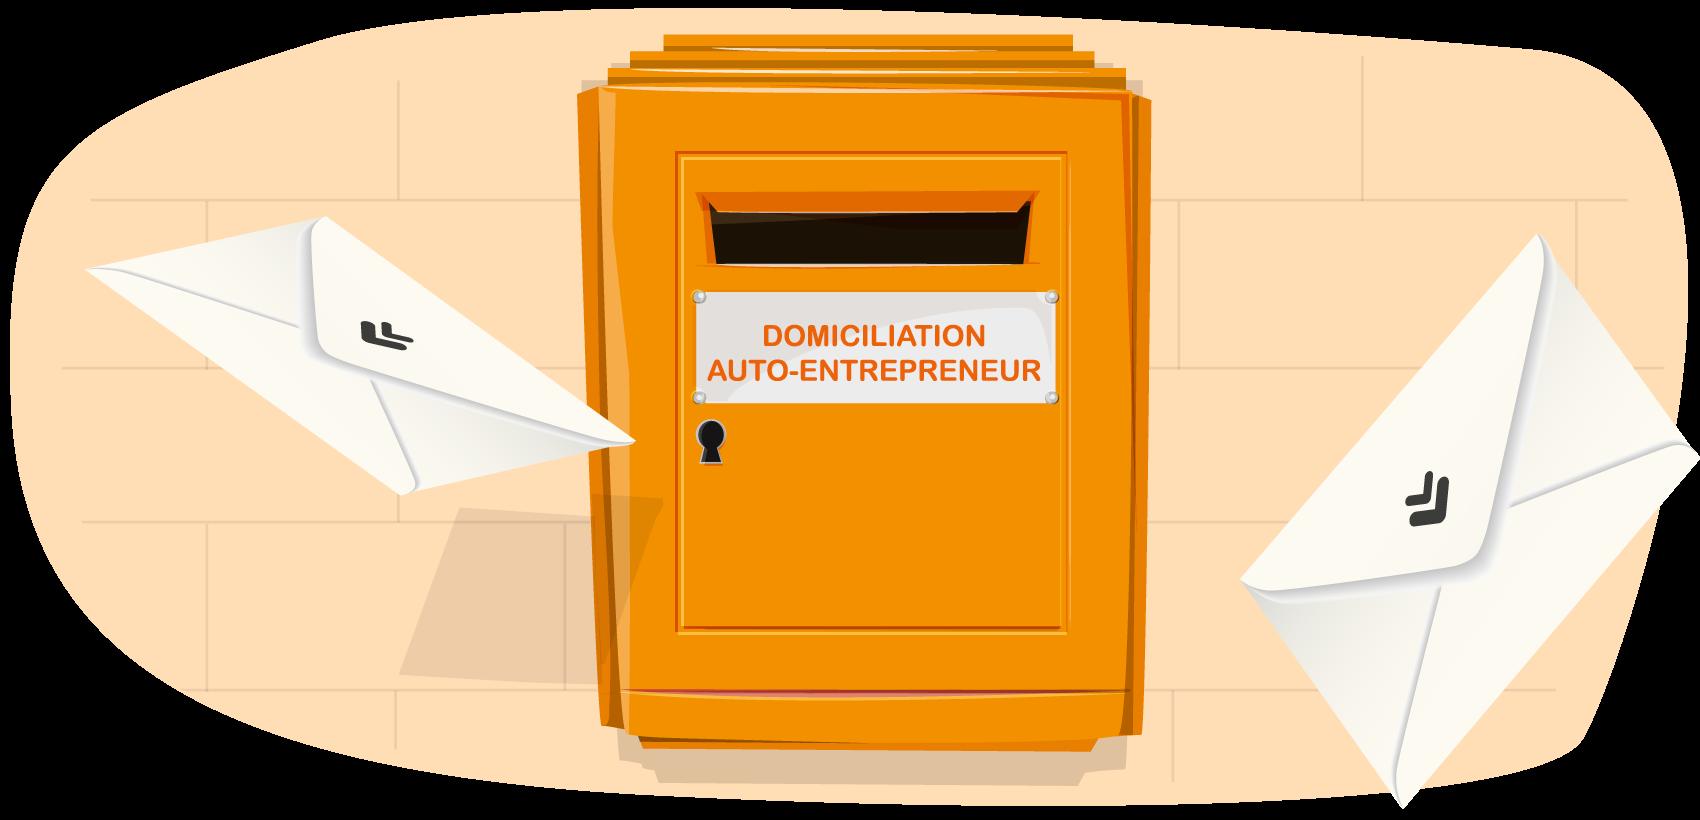 Cr ation d 39 entreprise quelles aides for Auto entrepreneur idees qui marchent